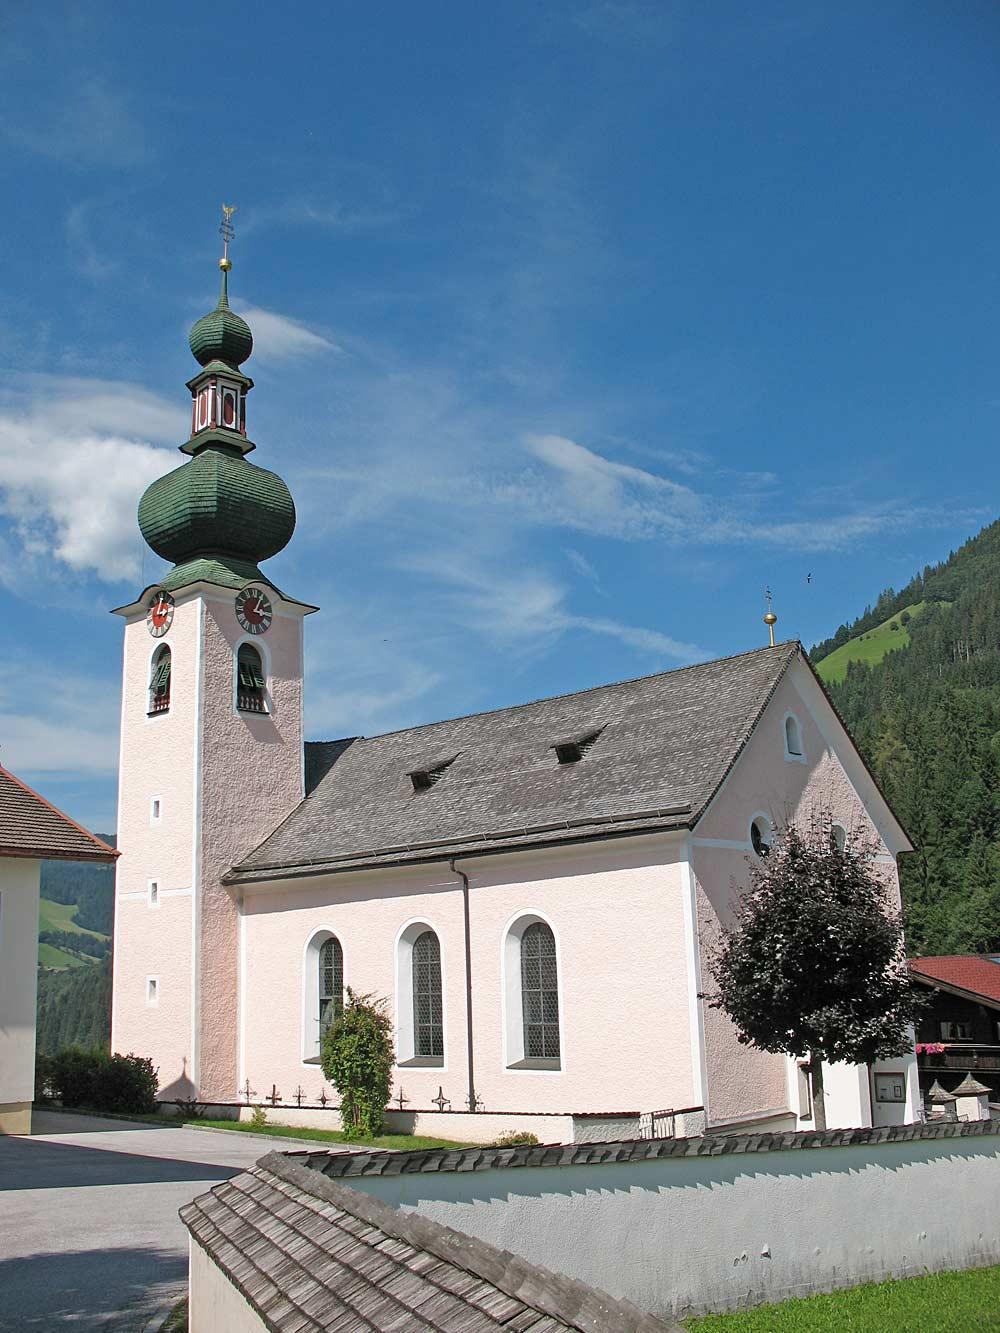 Kath. Pfarrkirche St. Nepomuk in Auffach